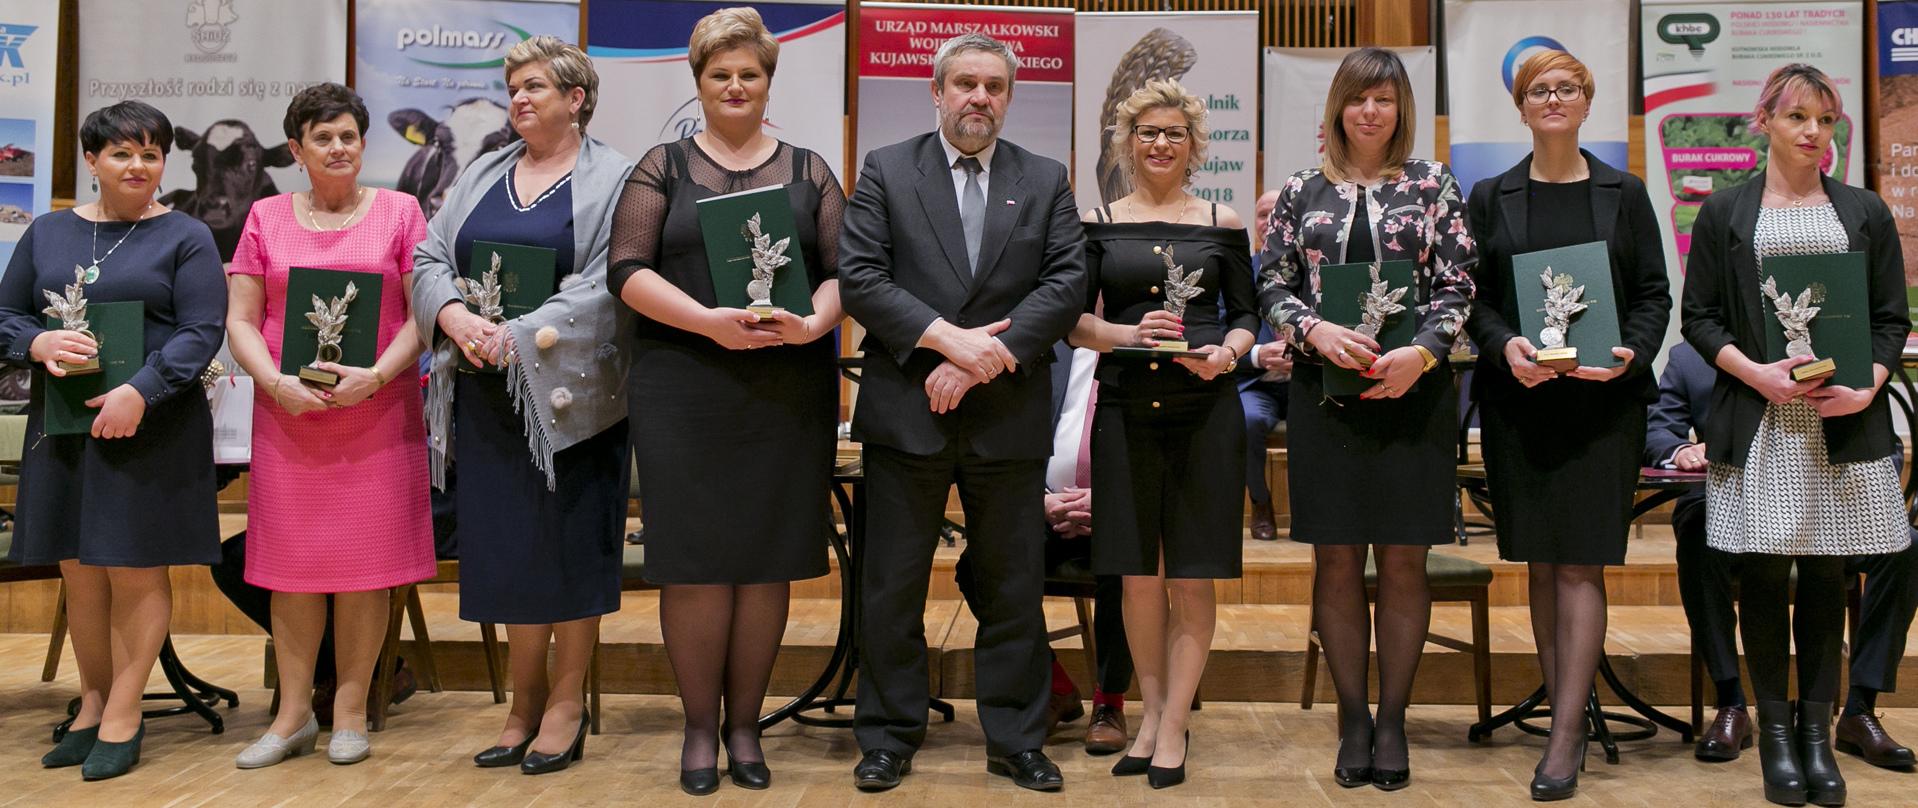 Rolnik Pomorza i Kujaw – nagrody wręczone